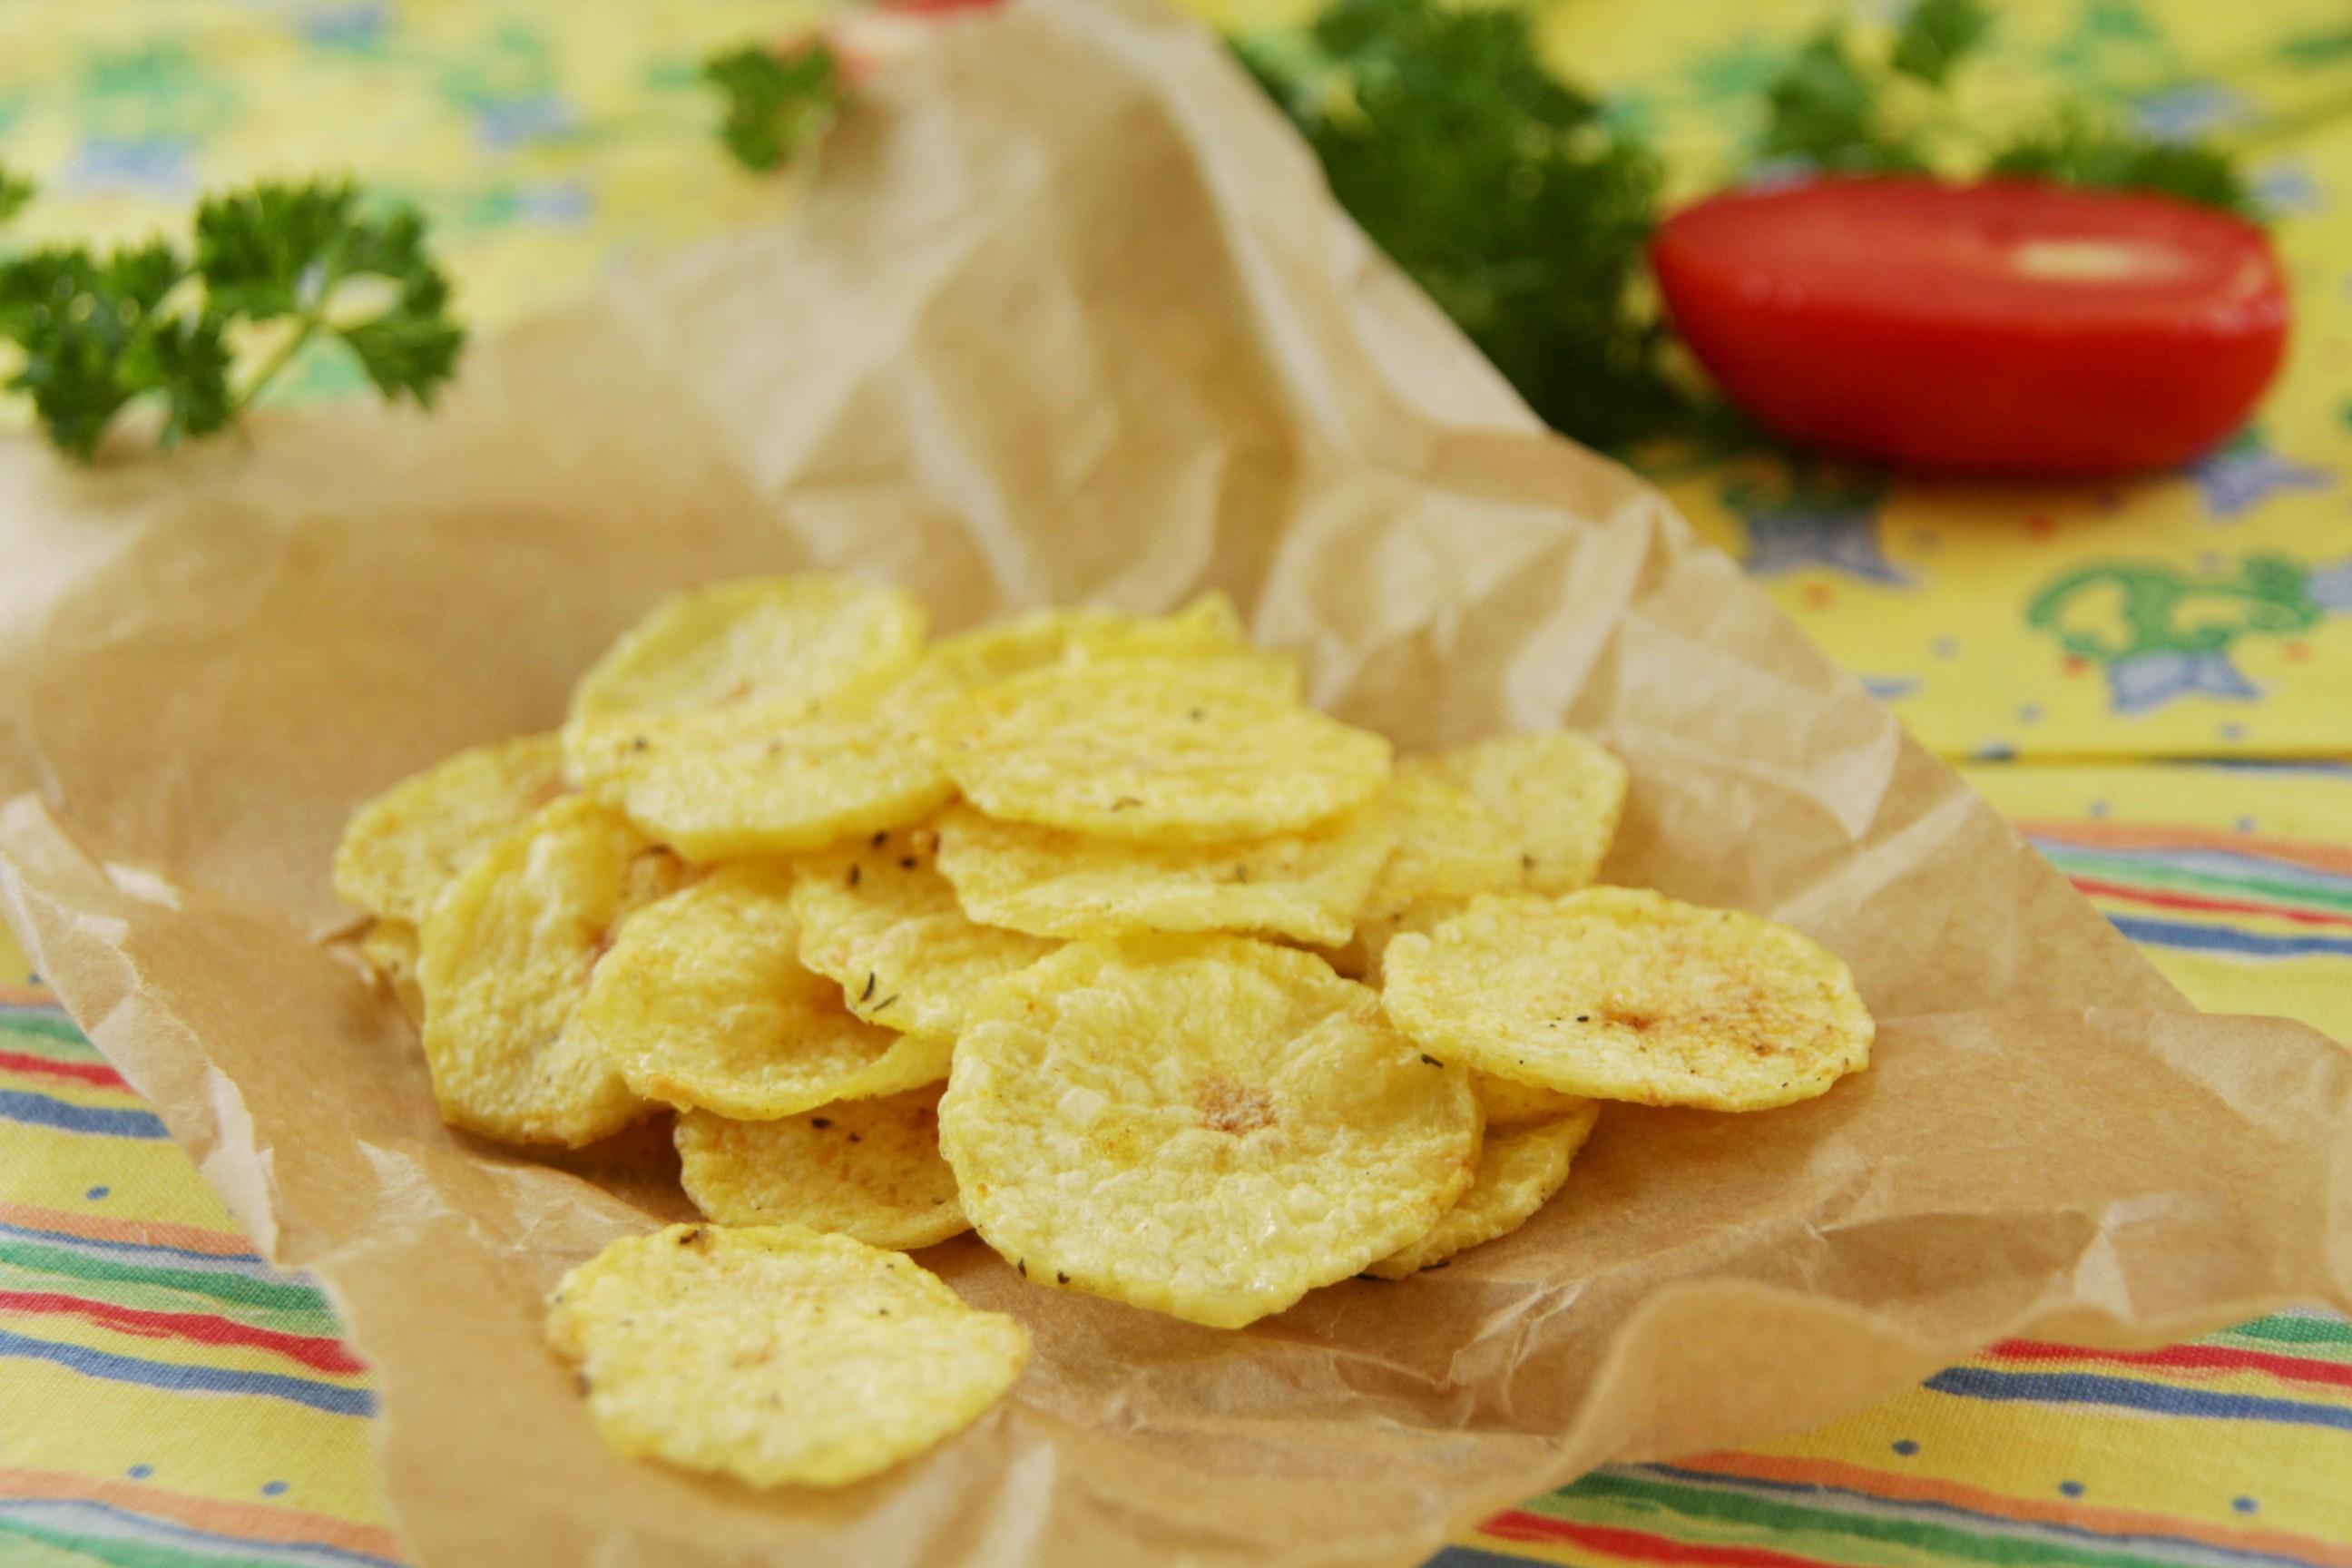 фотограф чипсы по домашнему рецепт с картинками выбрать наиболее интересные